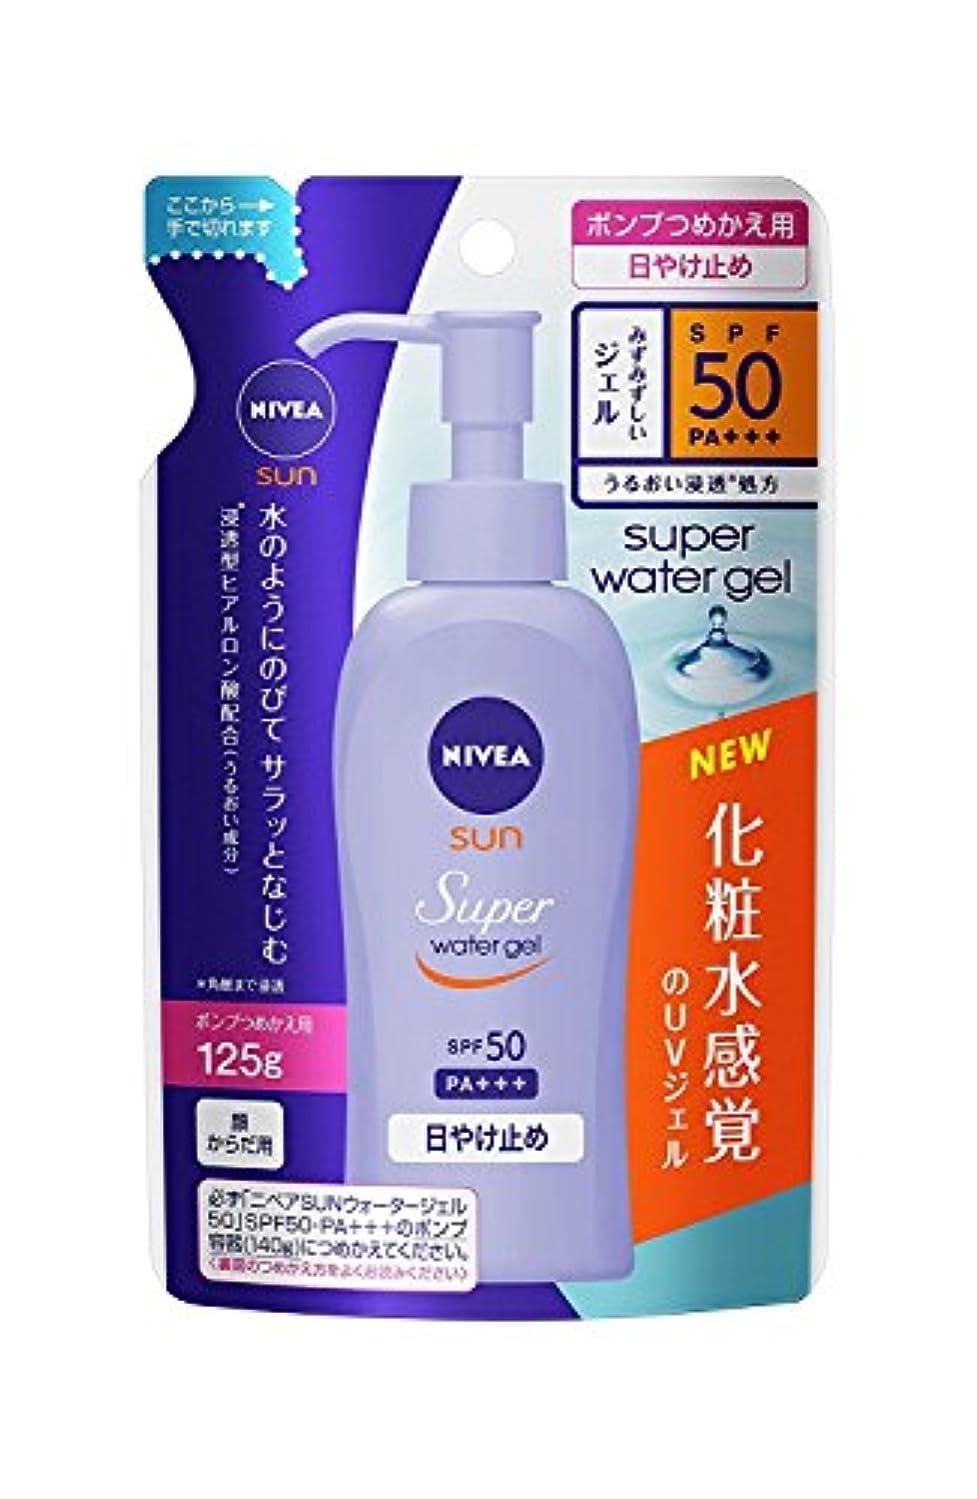 【花王】ニベアサン プロテクトウォータージェル SPF50 PA+++ つめかえ用 125g ×10個セット